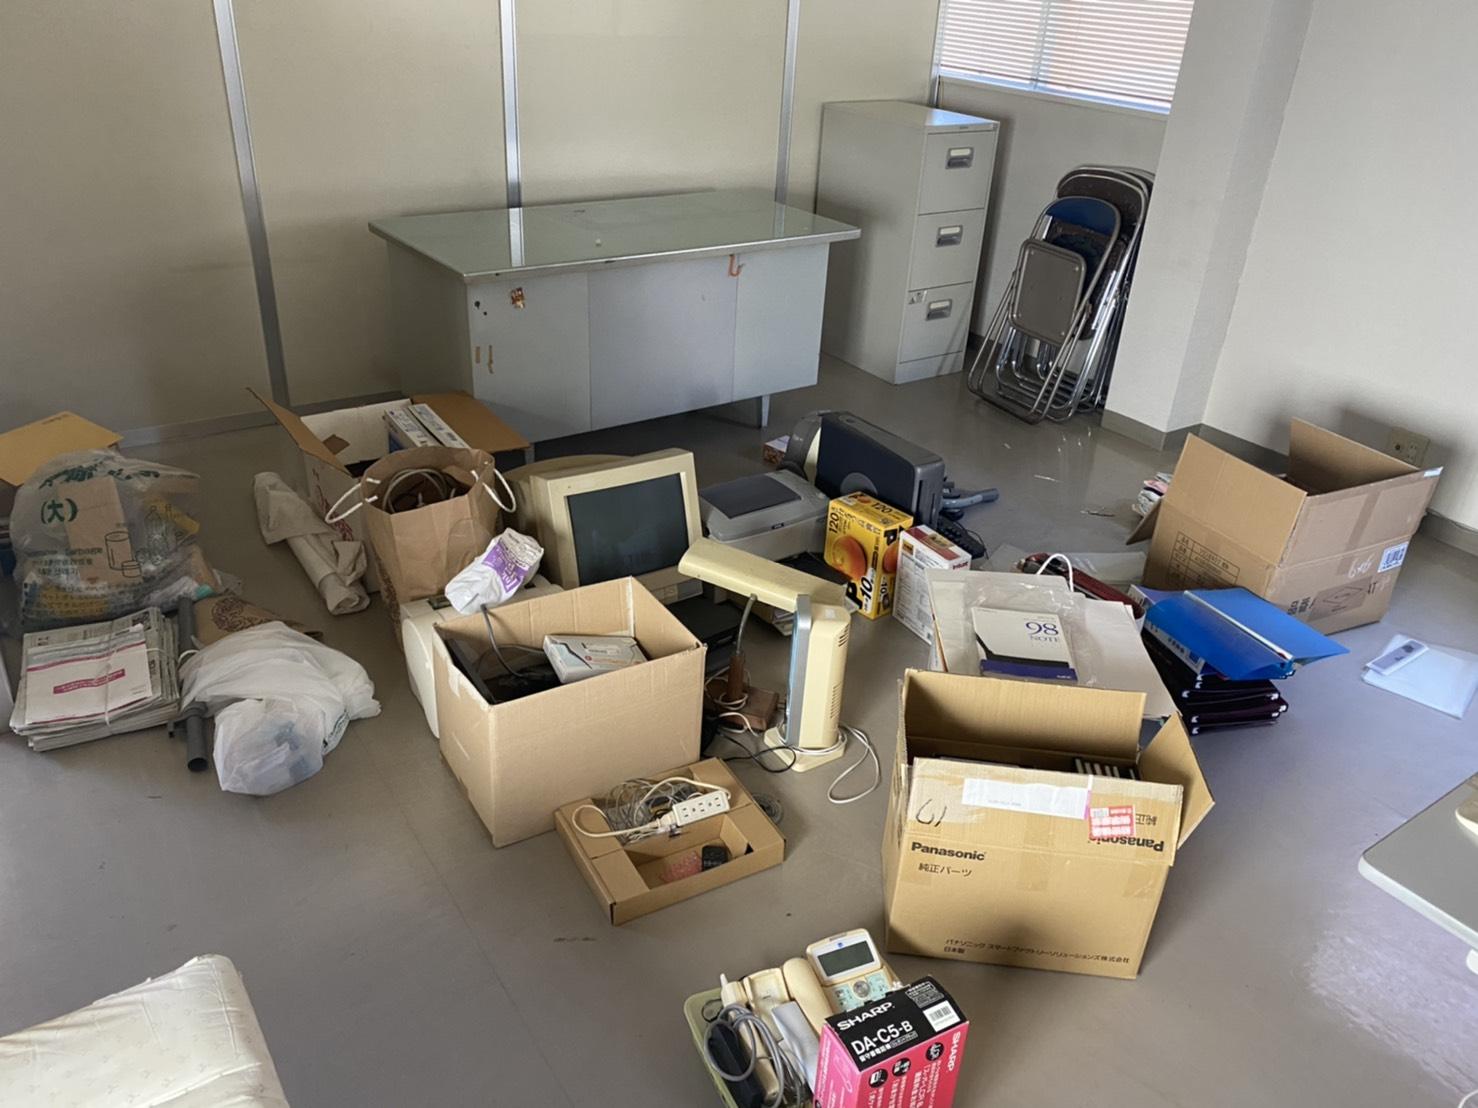 デスクワゴン、デスク、パソコン、パイプ椅子の回収前